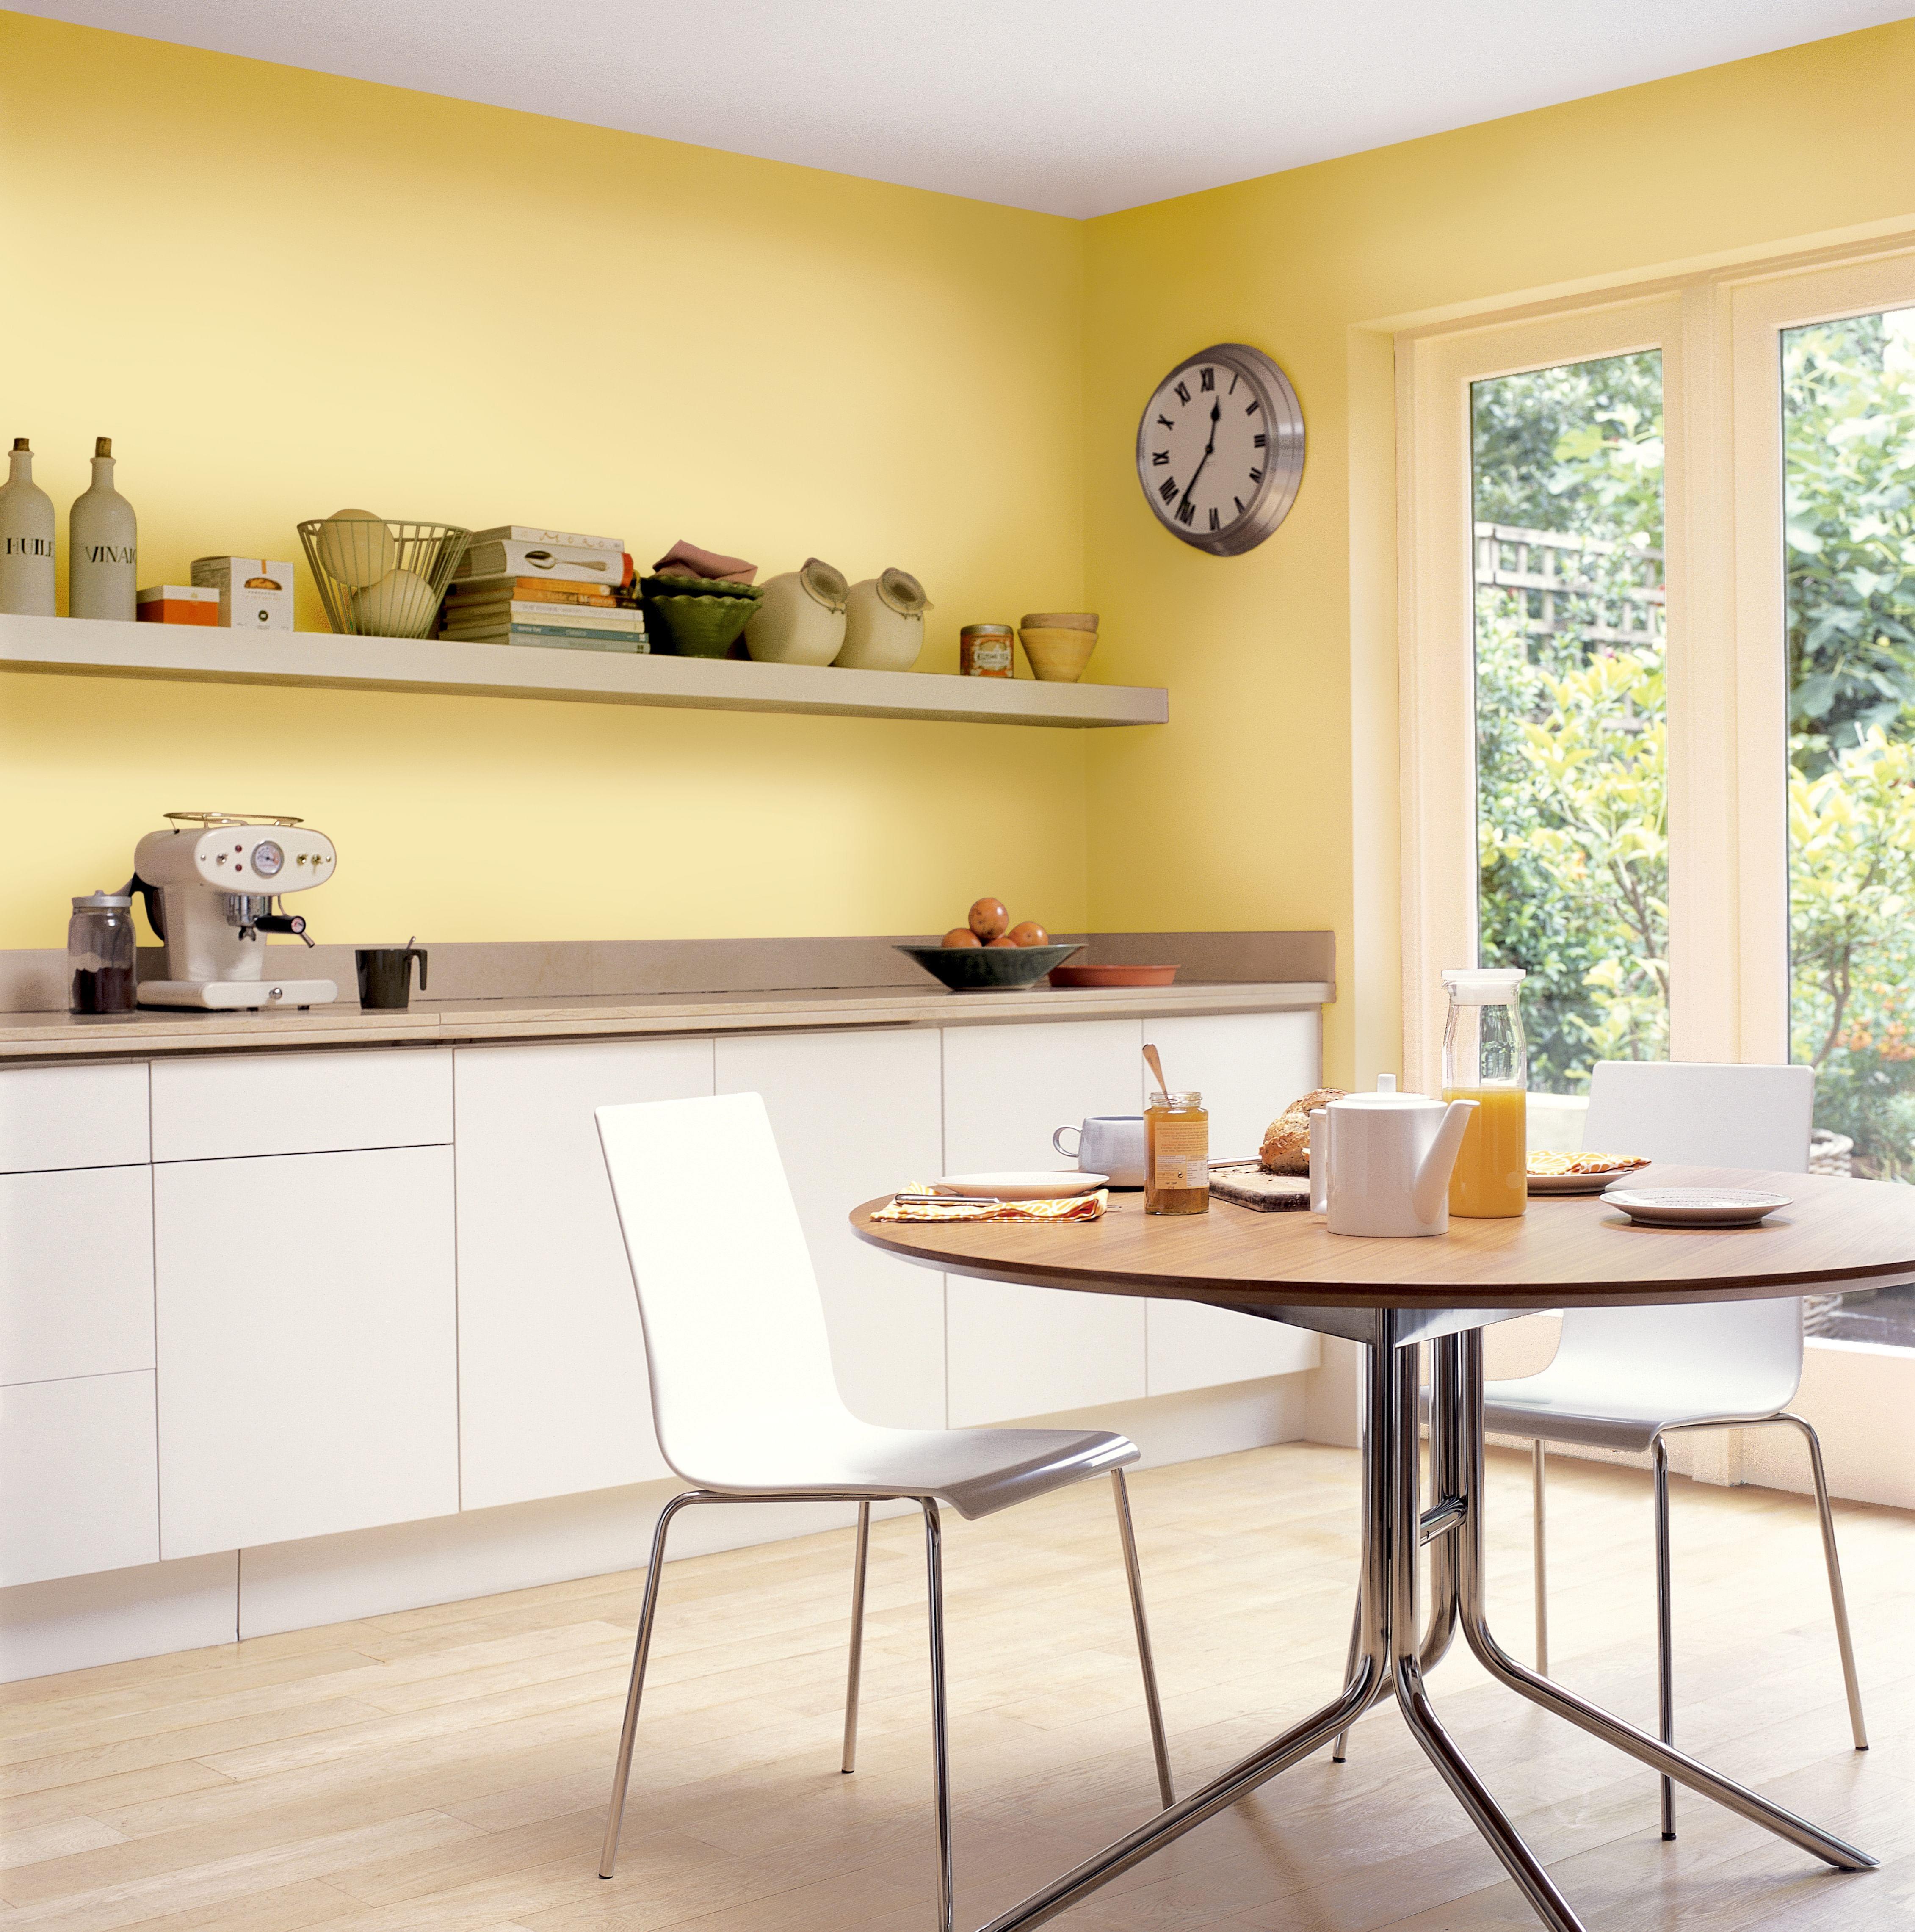 информация краска для стен на кухне цвета фото проявления любви попытки